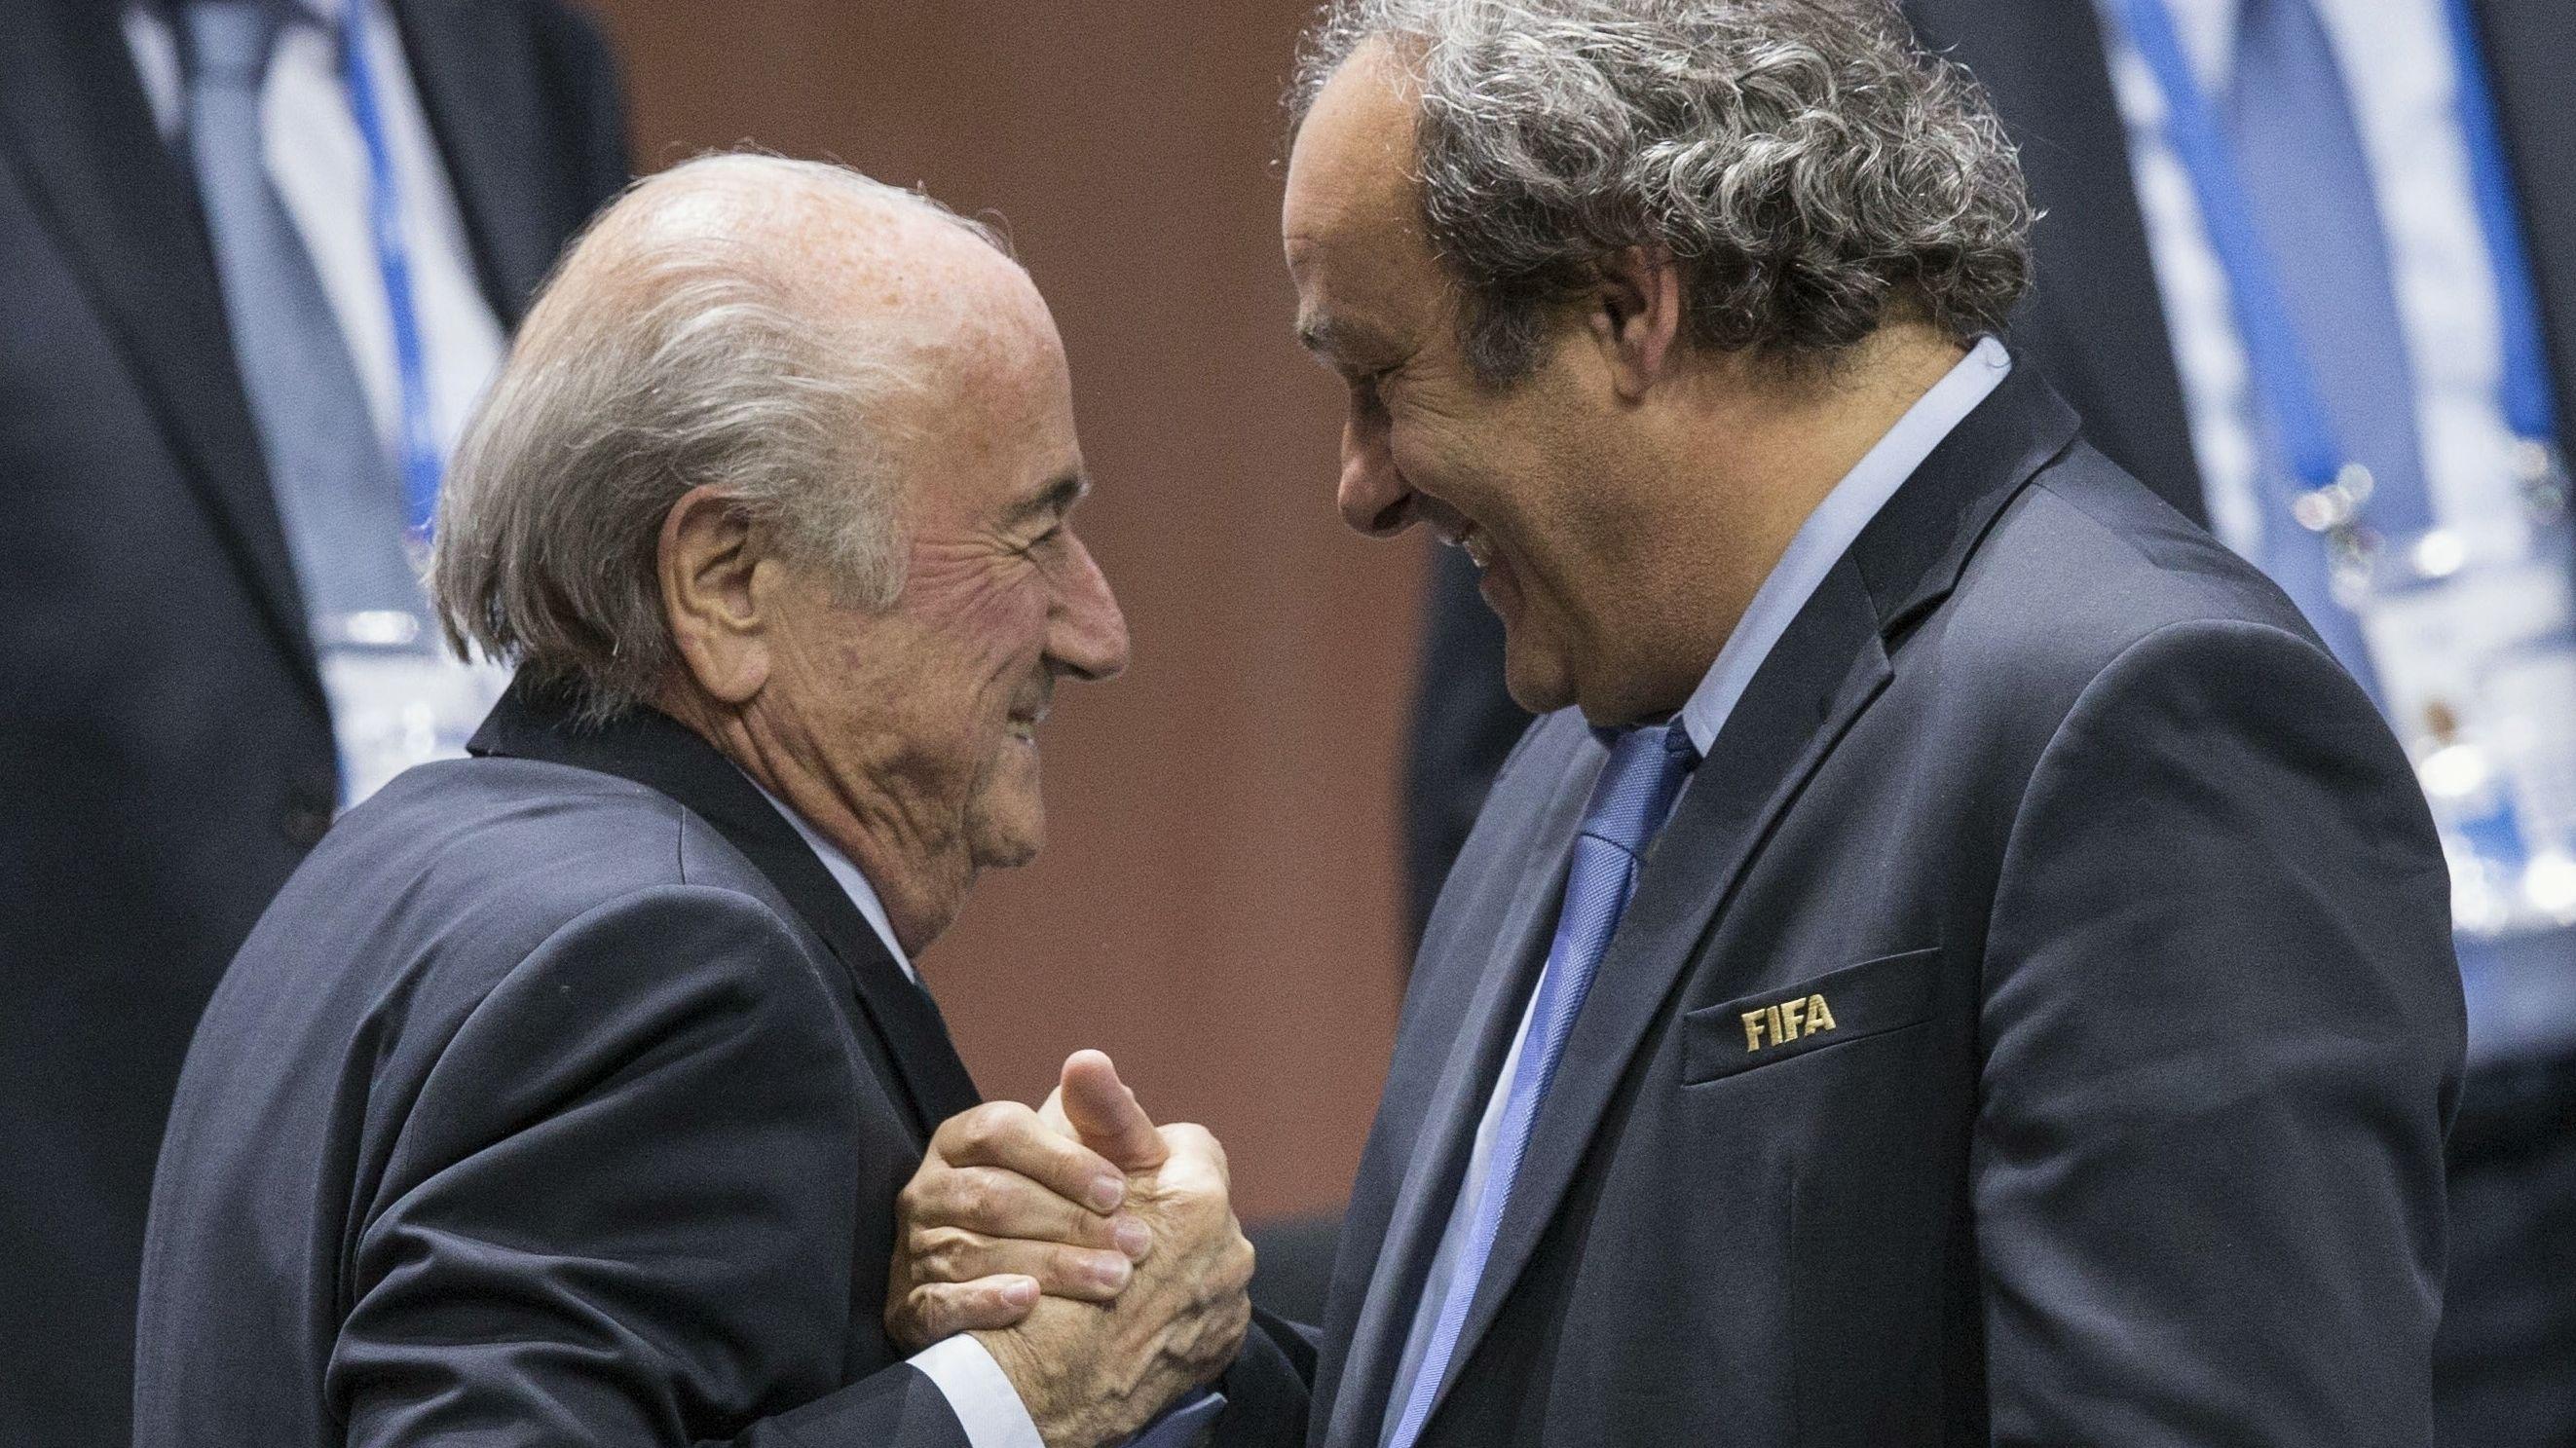 Sepp Blatter und Michel Platini 2015 beim FIFA Kongress 2015